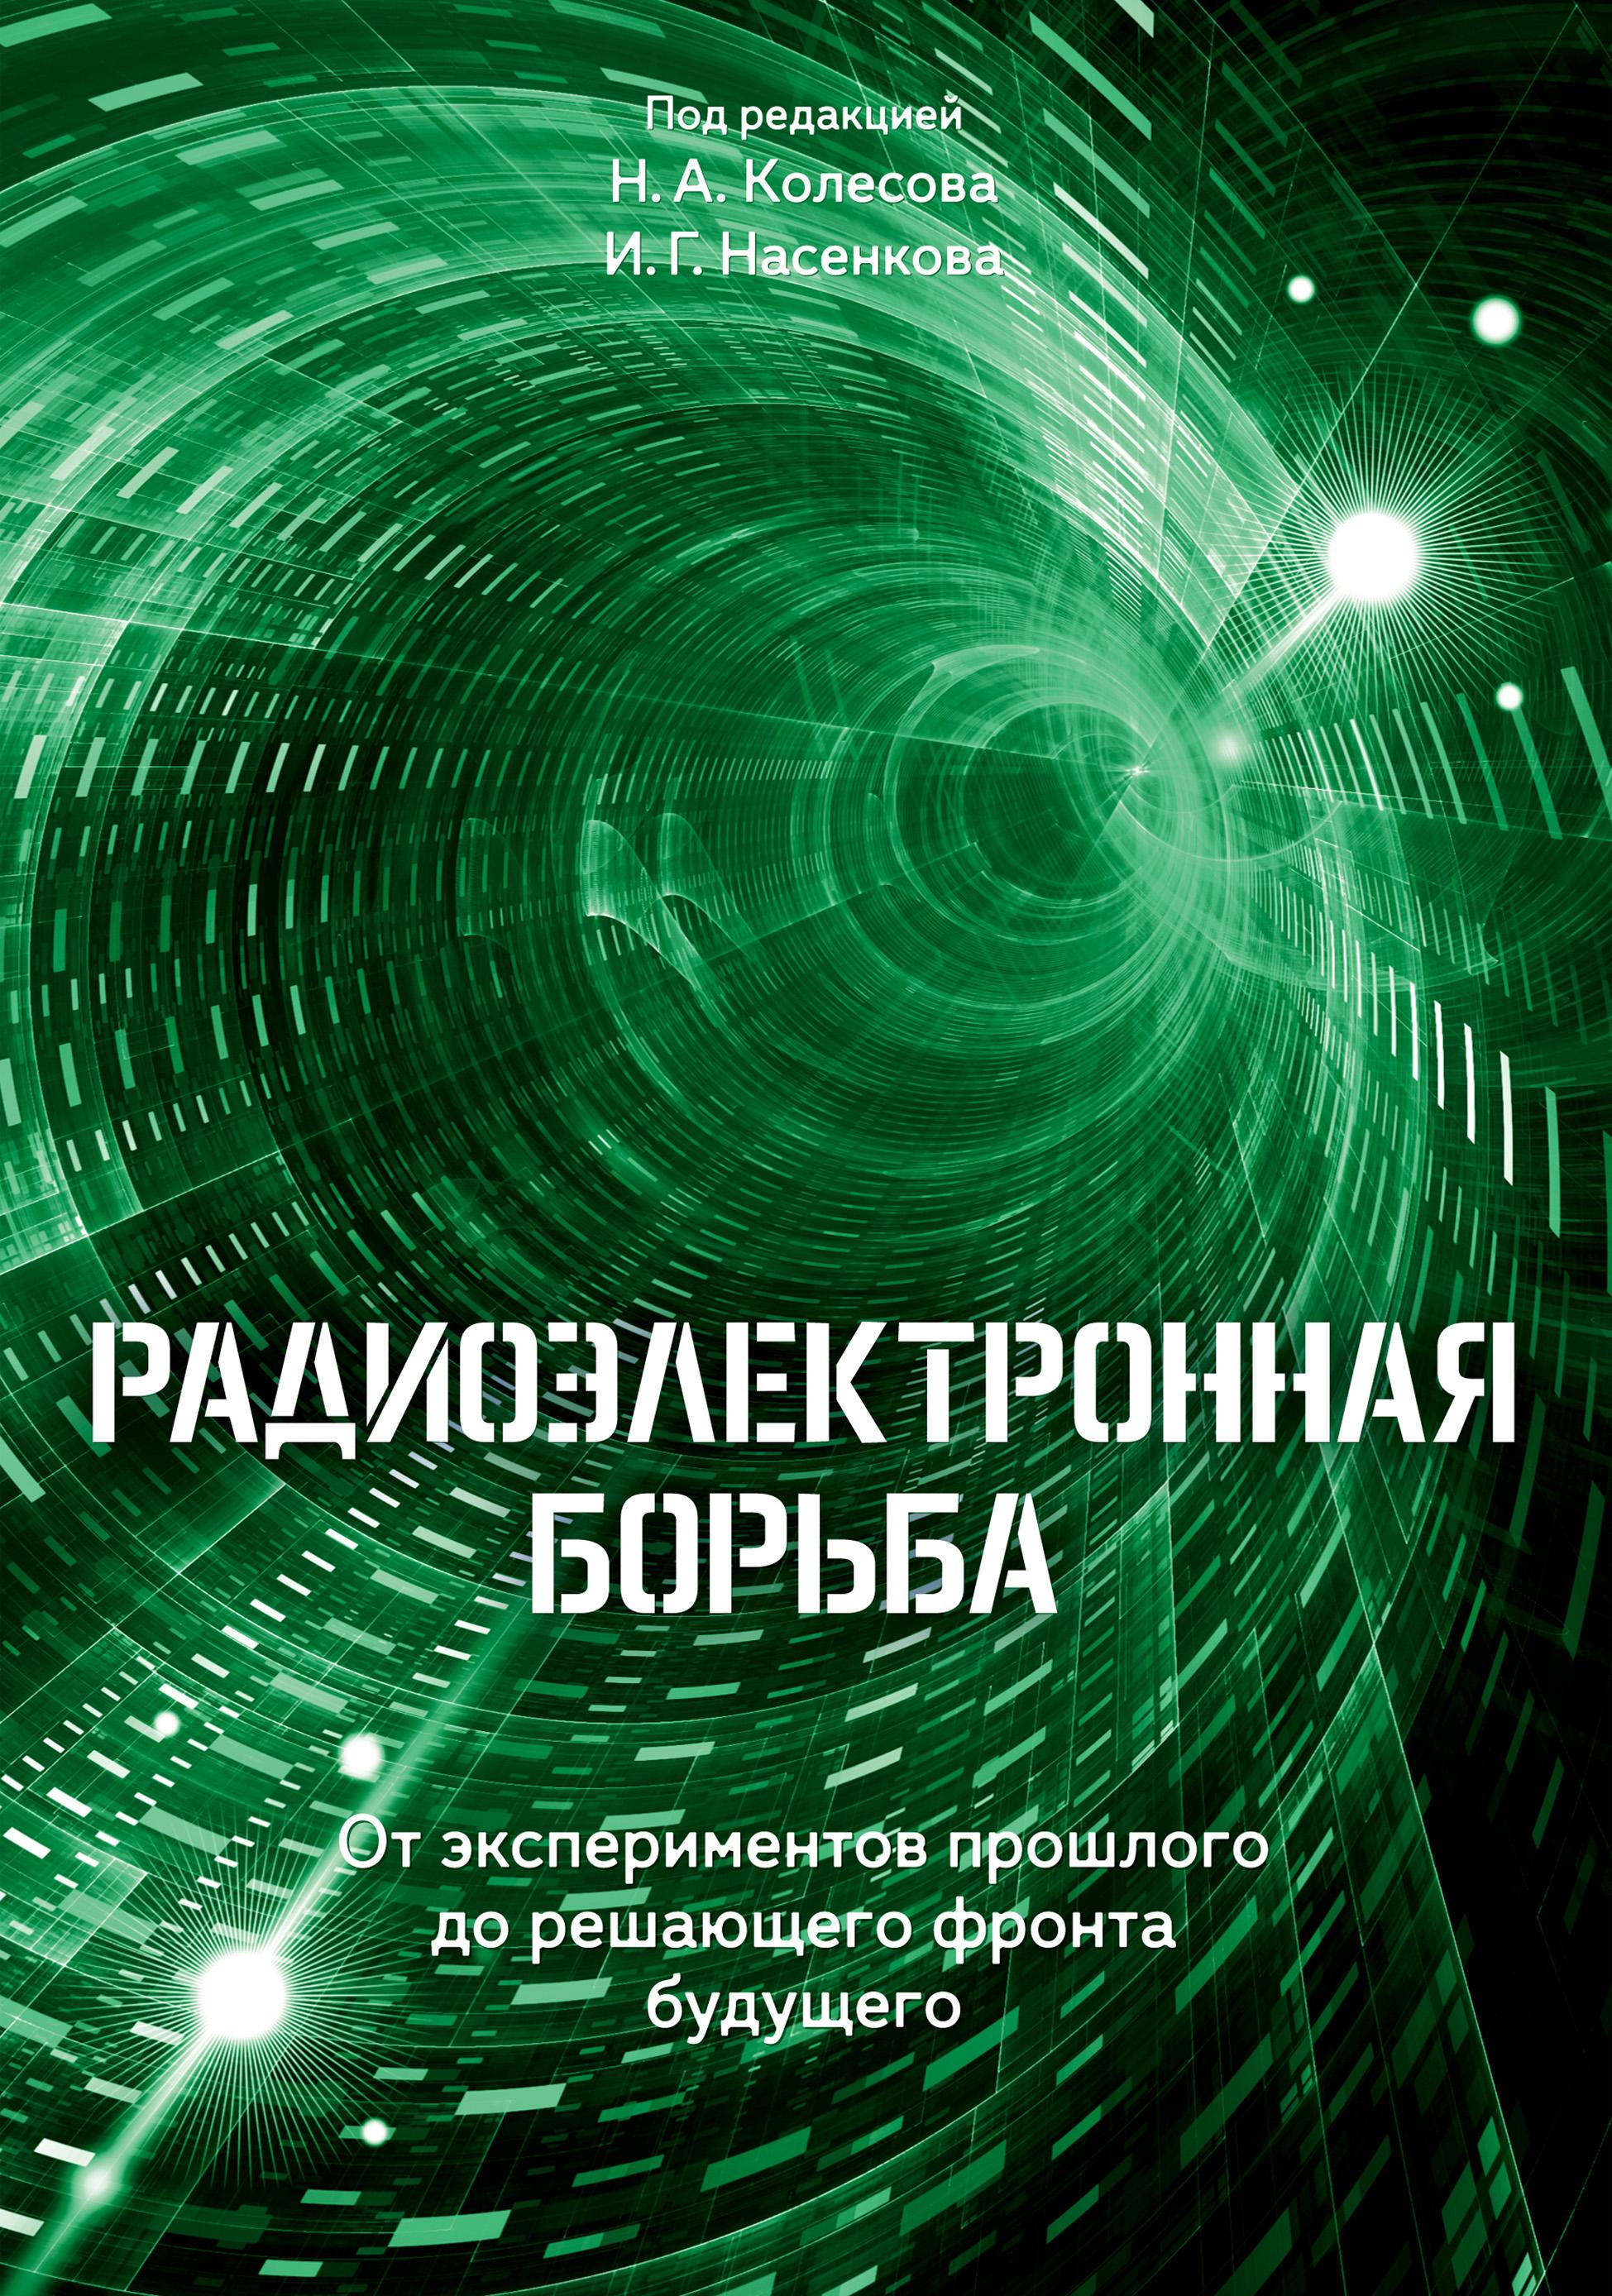 Скачать книгу радиоэлектронная борьба